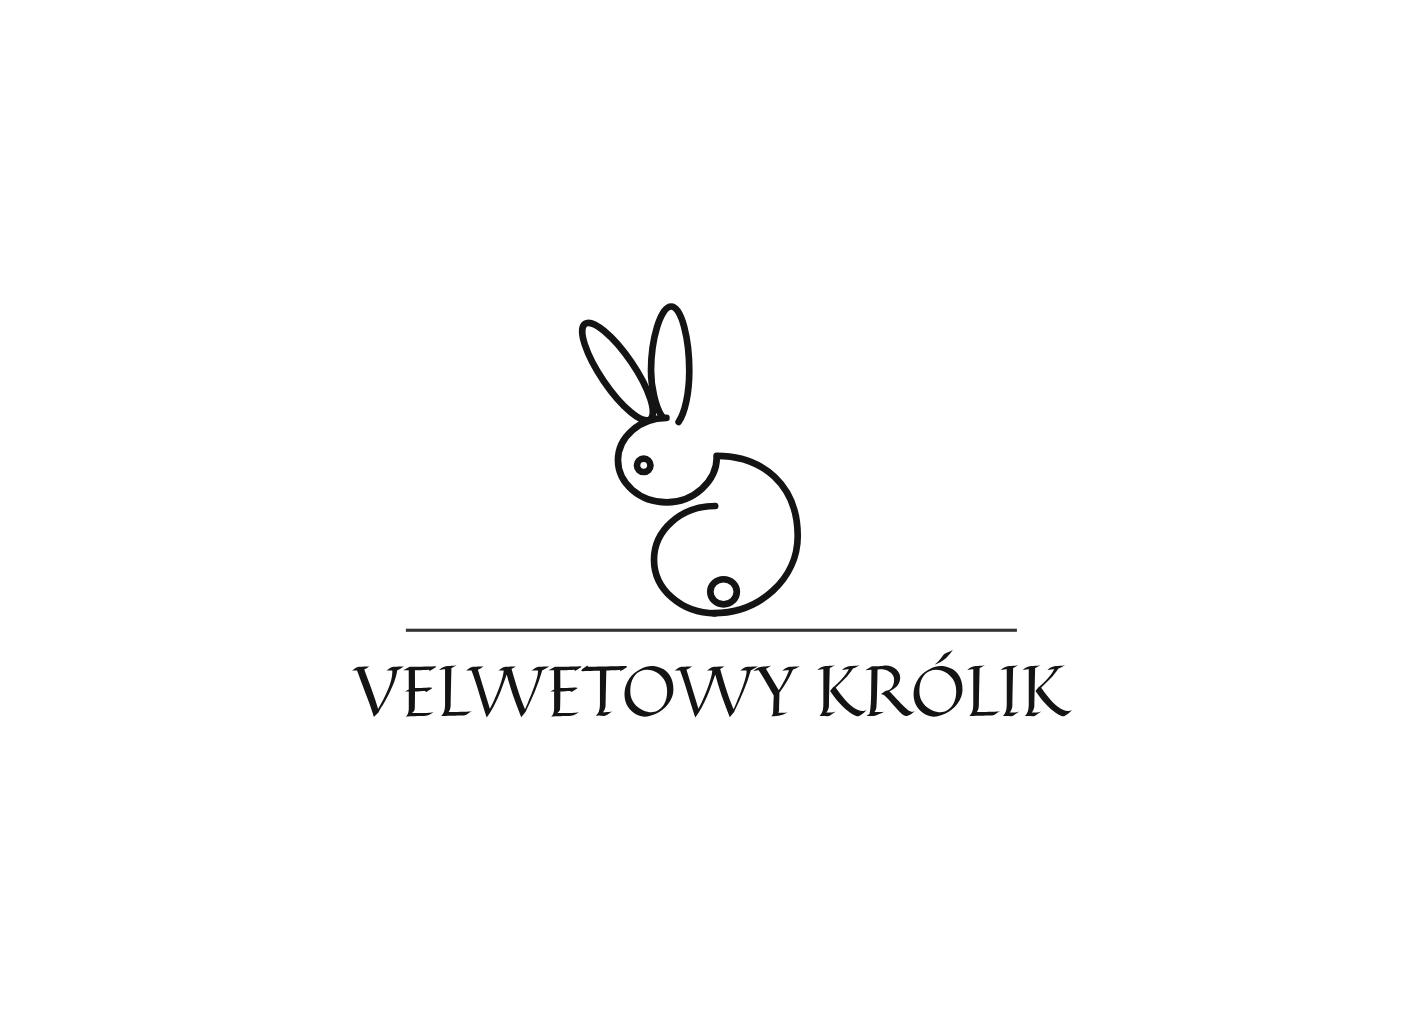 Velvetowy Królik